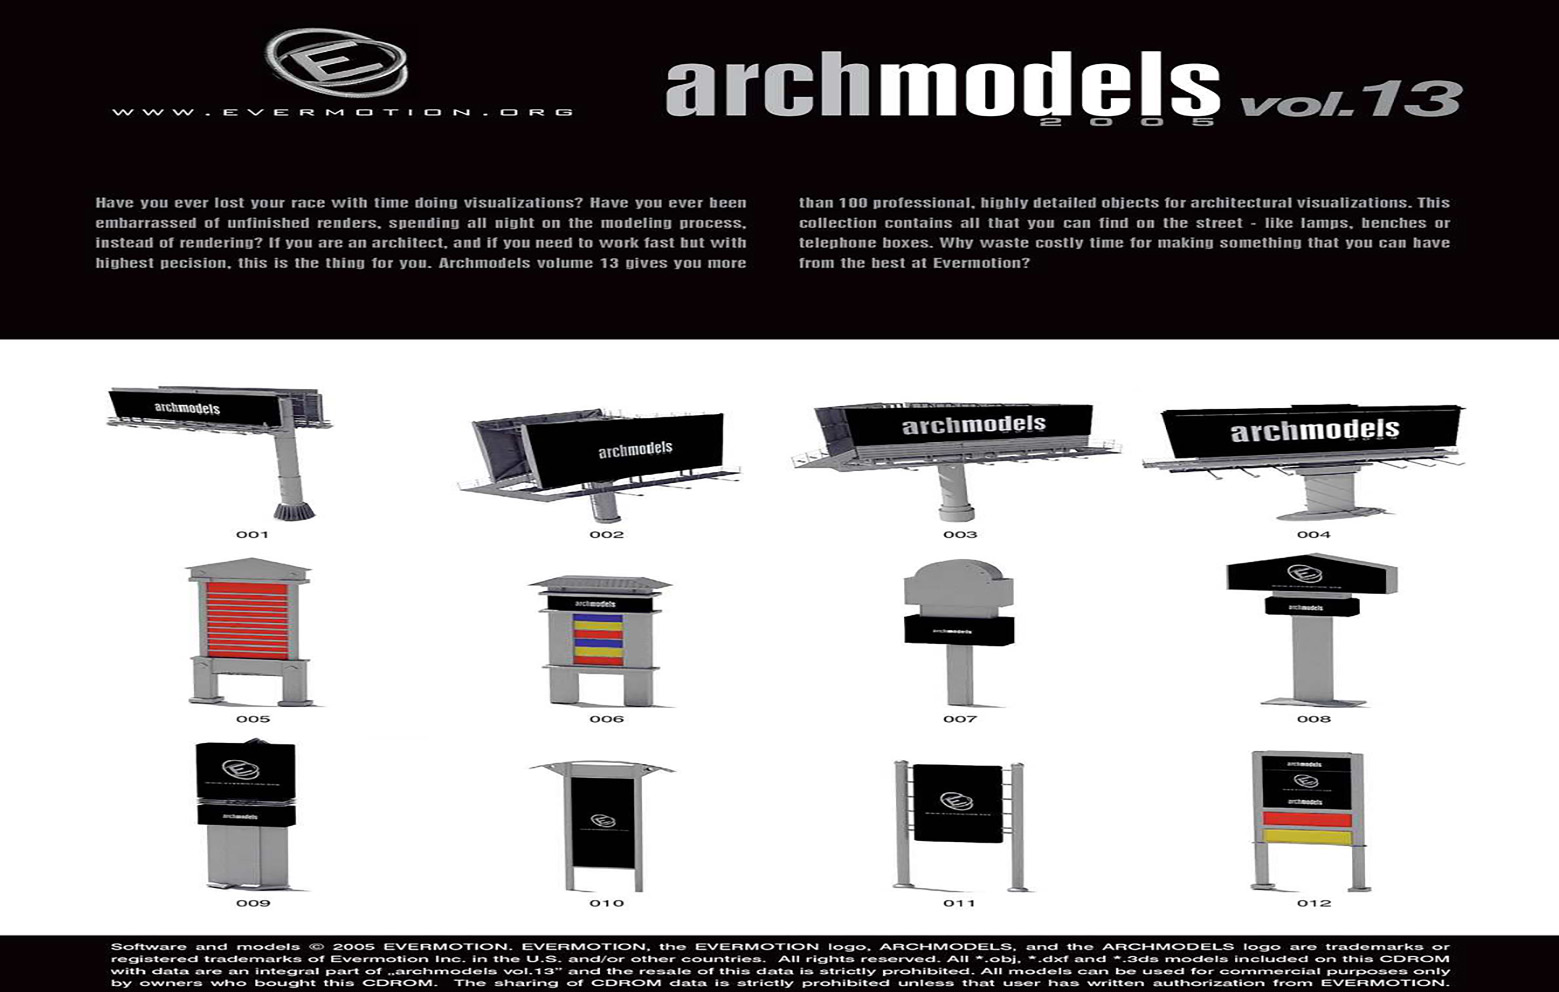 دانلود رایگان آرک مدل ولوم ARCHMODELS VOL.14